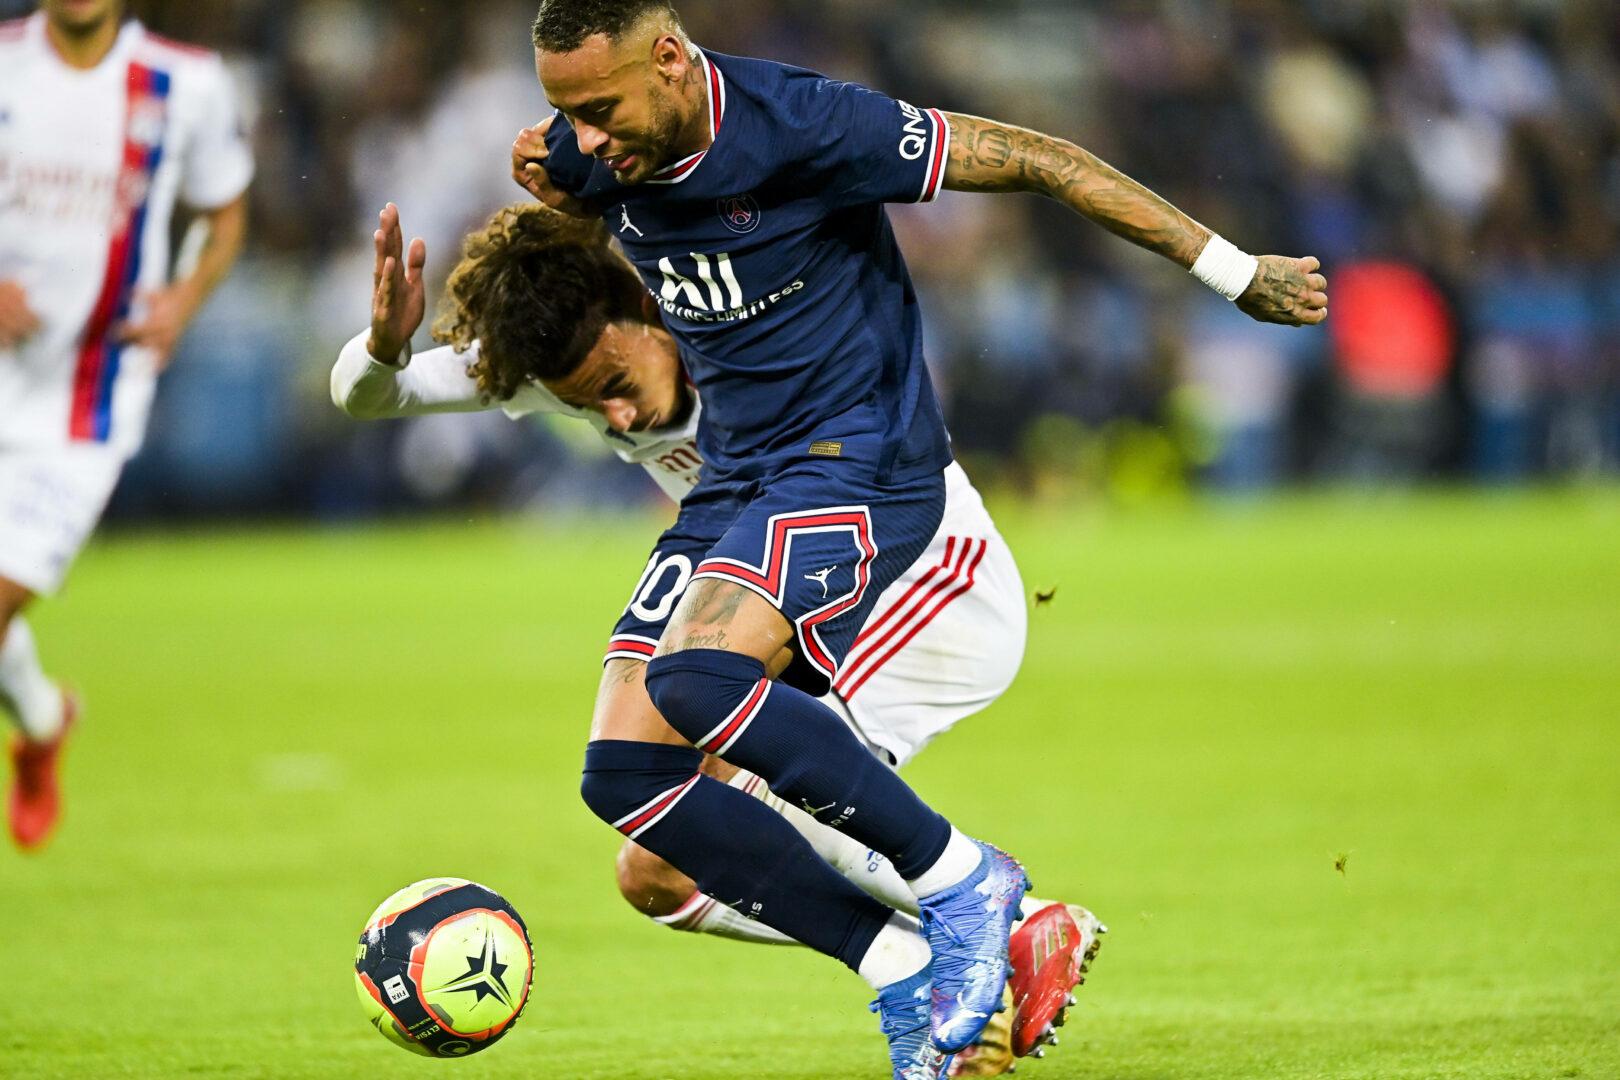 Umstrittener PSG-Elfmeter: Lyon-Präsident kritisiert Schiedsrichtergespann